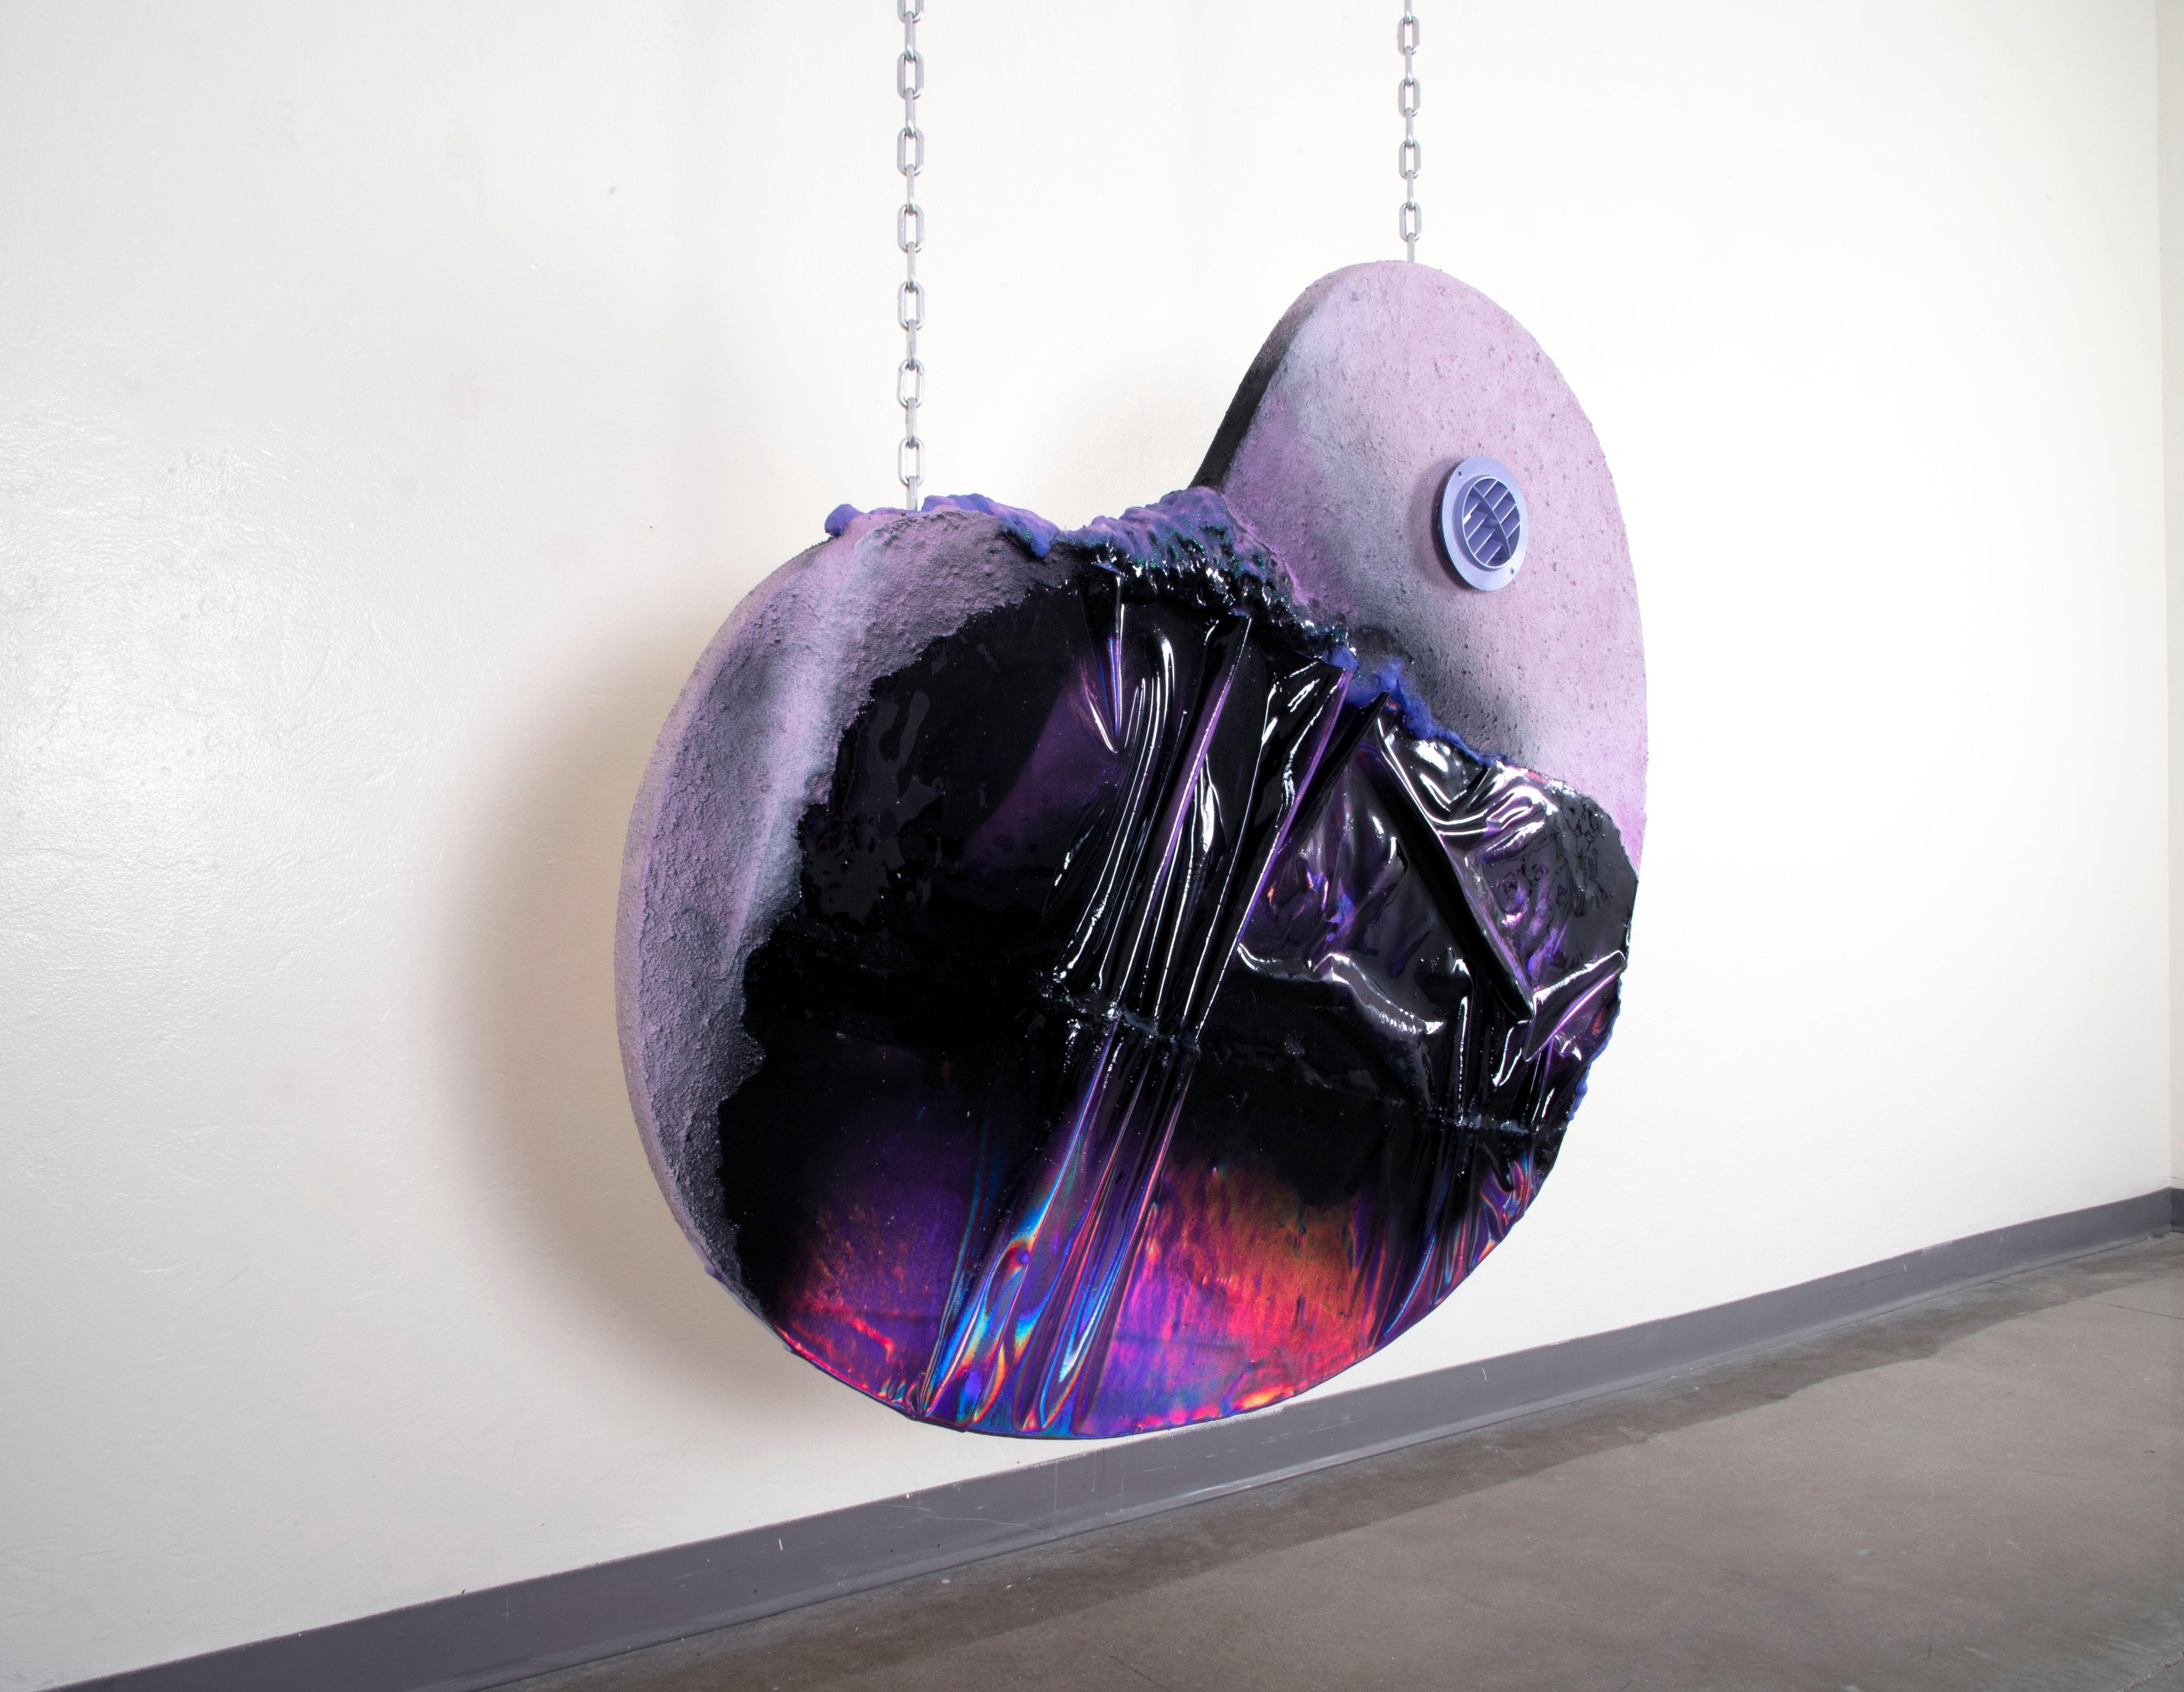 Polly's Pocket Slime - Hanging Sculpture, Purple, Black